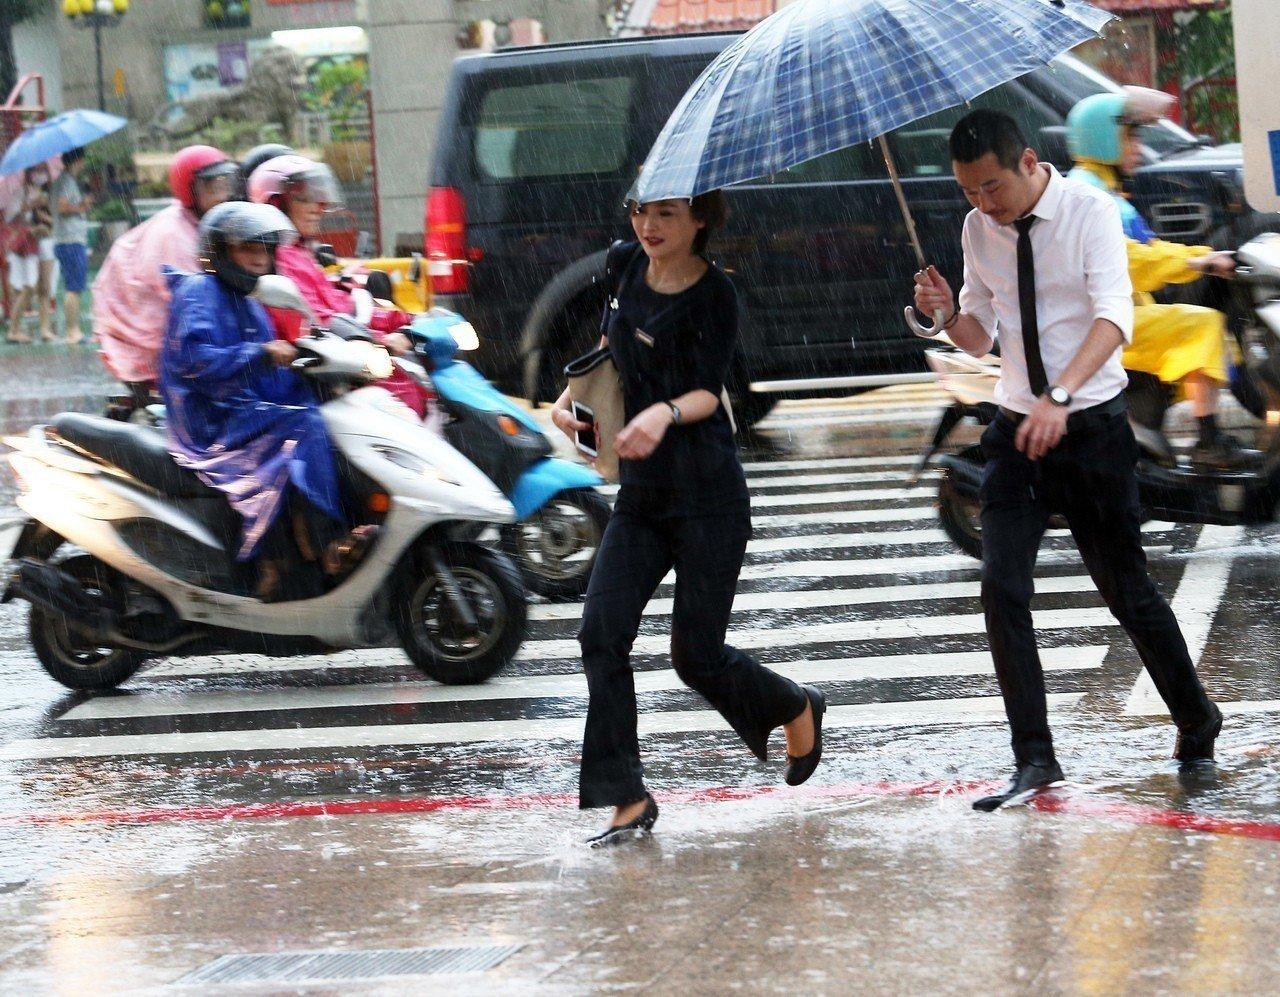 明天起至下周四,南部嚴防大雨、豪雨,其他地區則有午後雷陣雨。本報資料照片